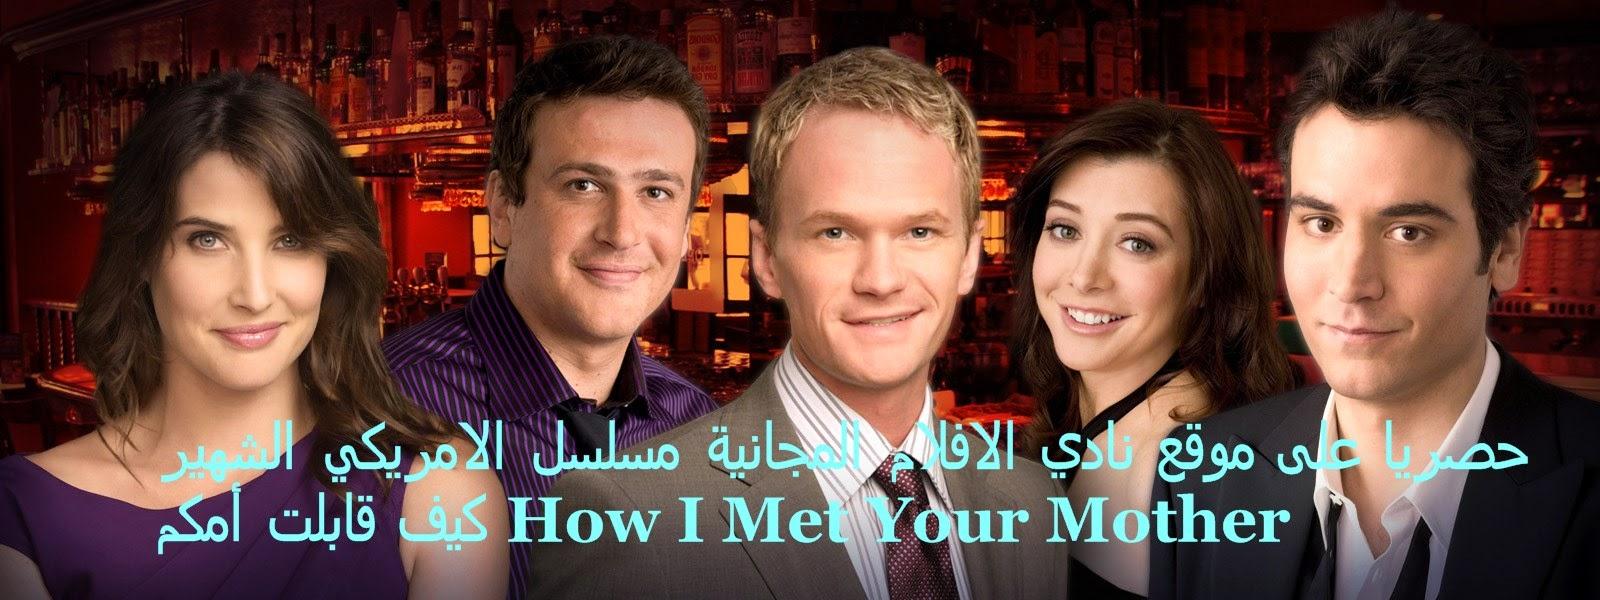 مشاهدة مسلسل الامريكي الكوميدي كيف قابلت أمكم How I Met Your Mother جميع المواسم 8 اون لاين